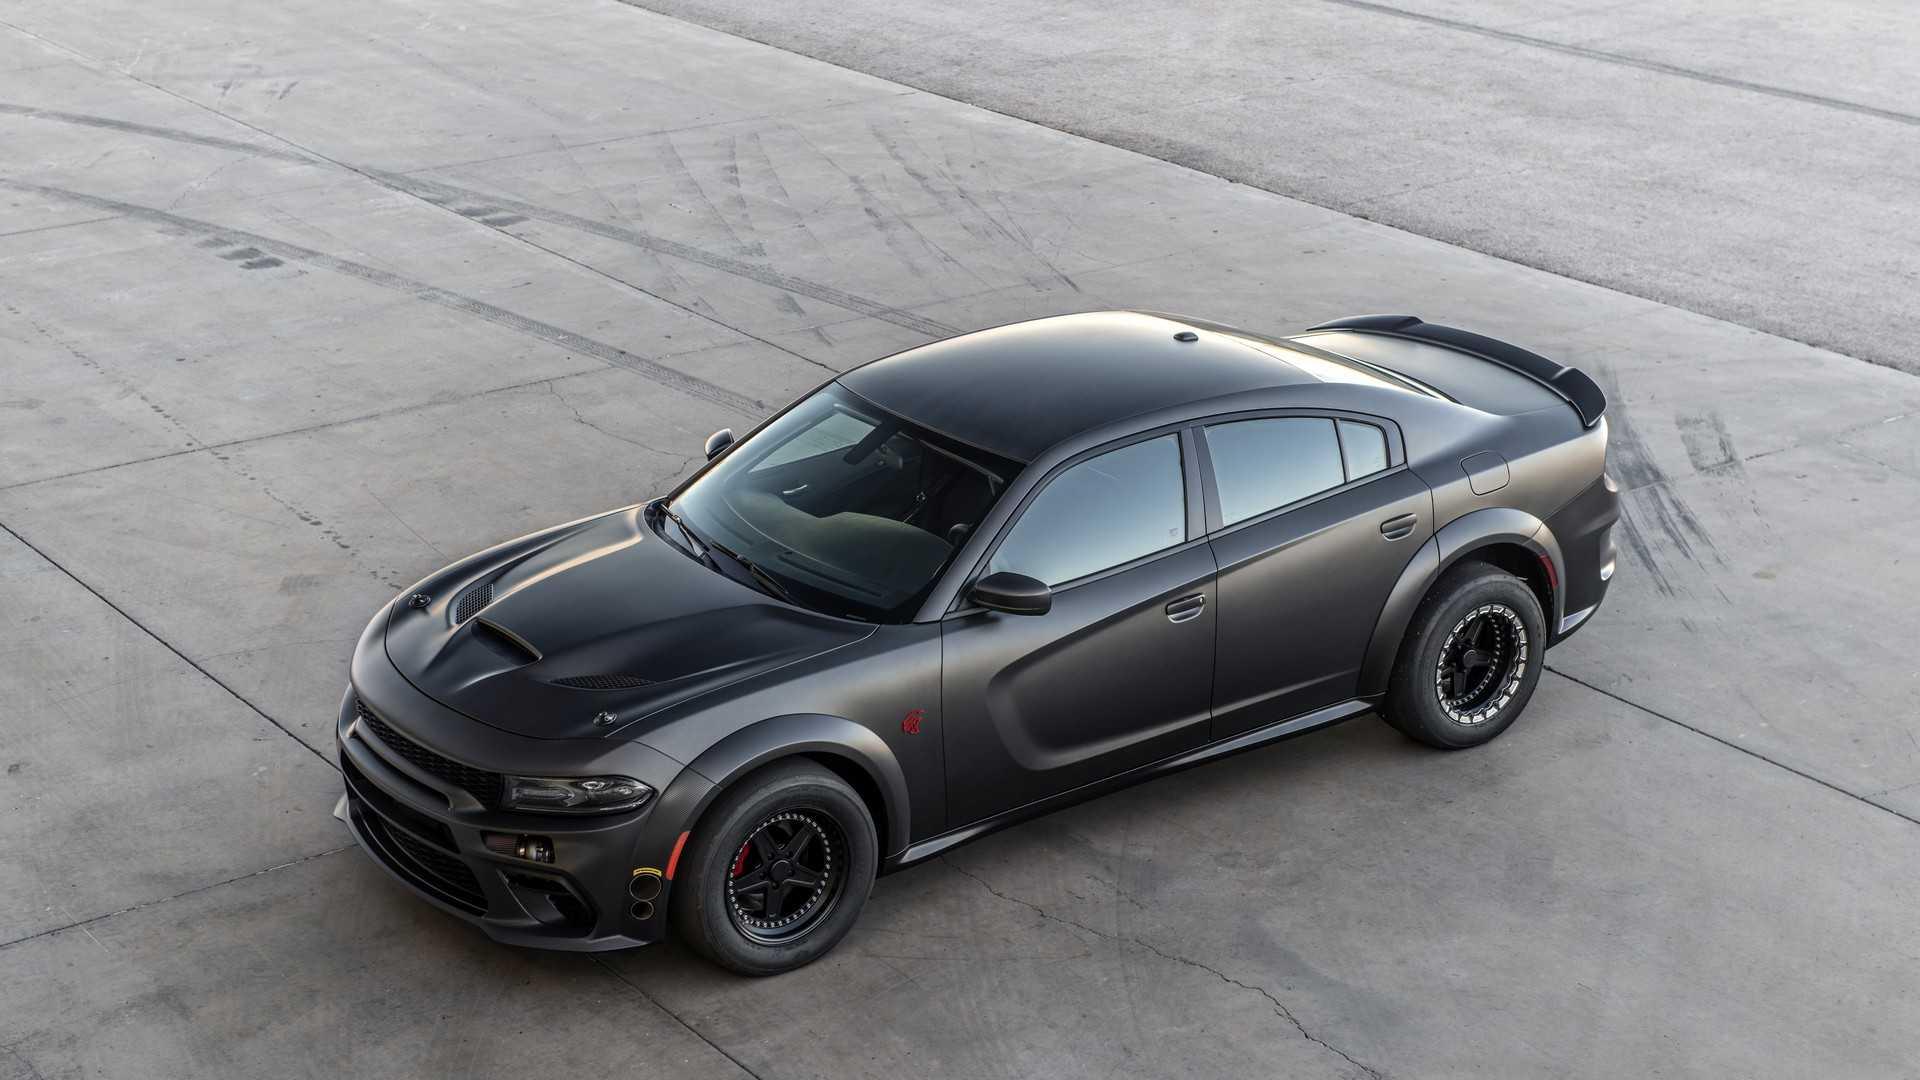 دودج تشارجر معدلة بقوة تضاهي بوجاتي شيرون! SpeedKore-Dodge-Charger-4.jpg